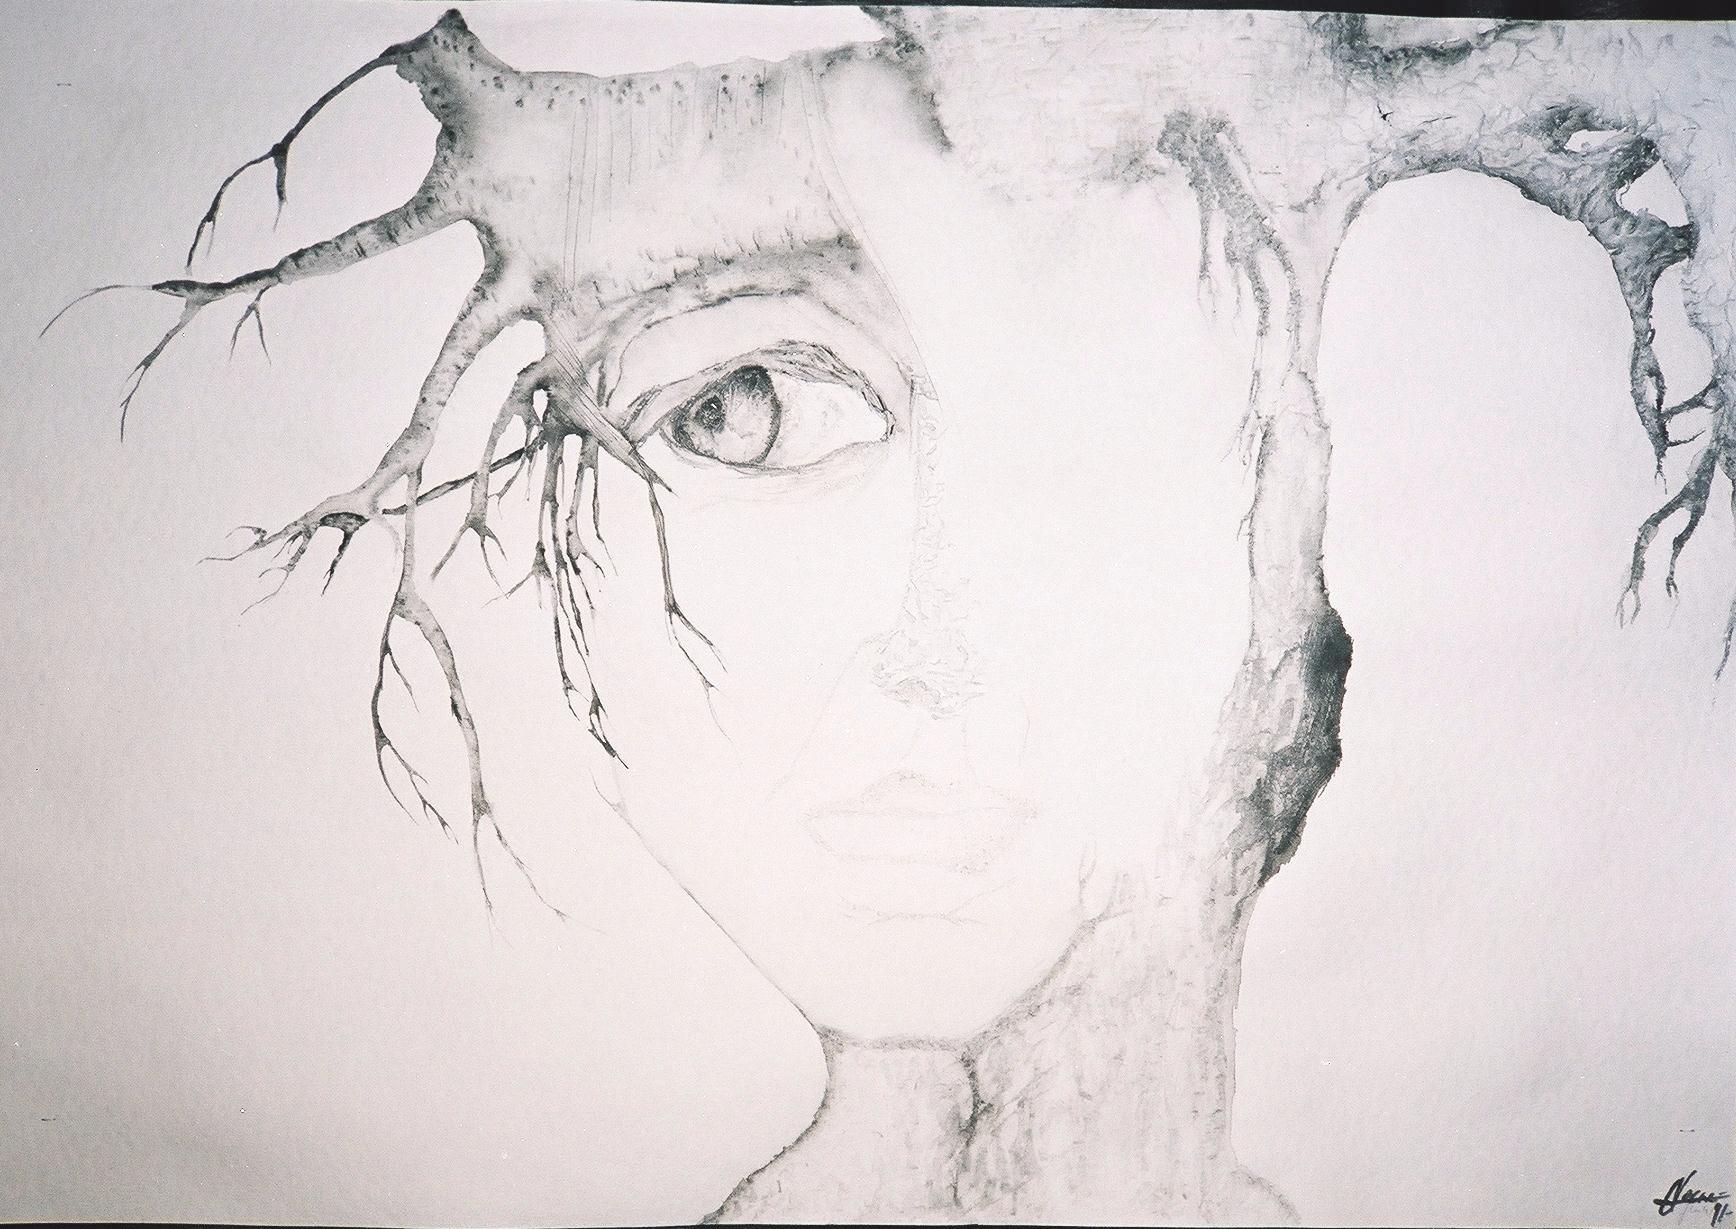 Self portrait / Autoportrait